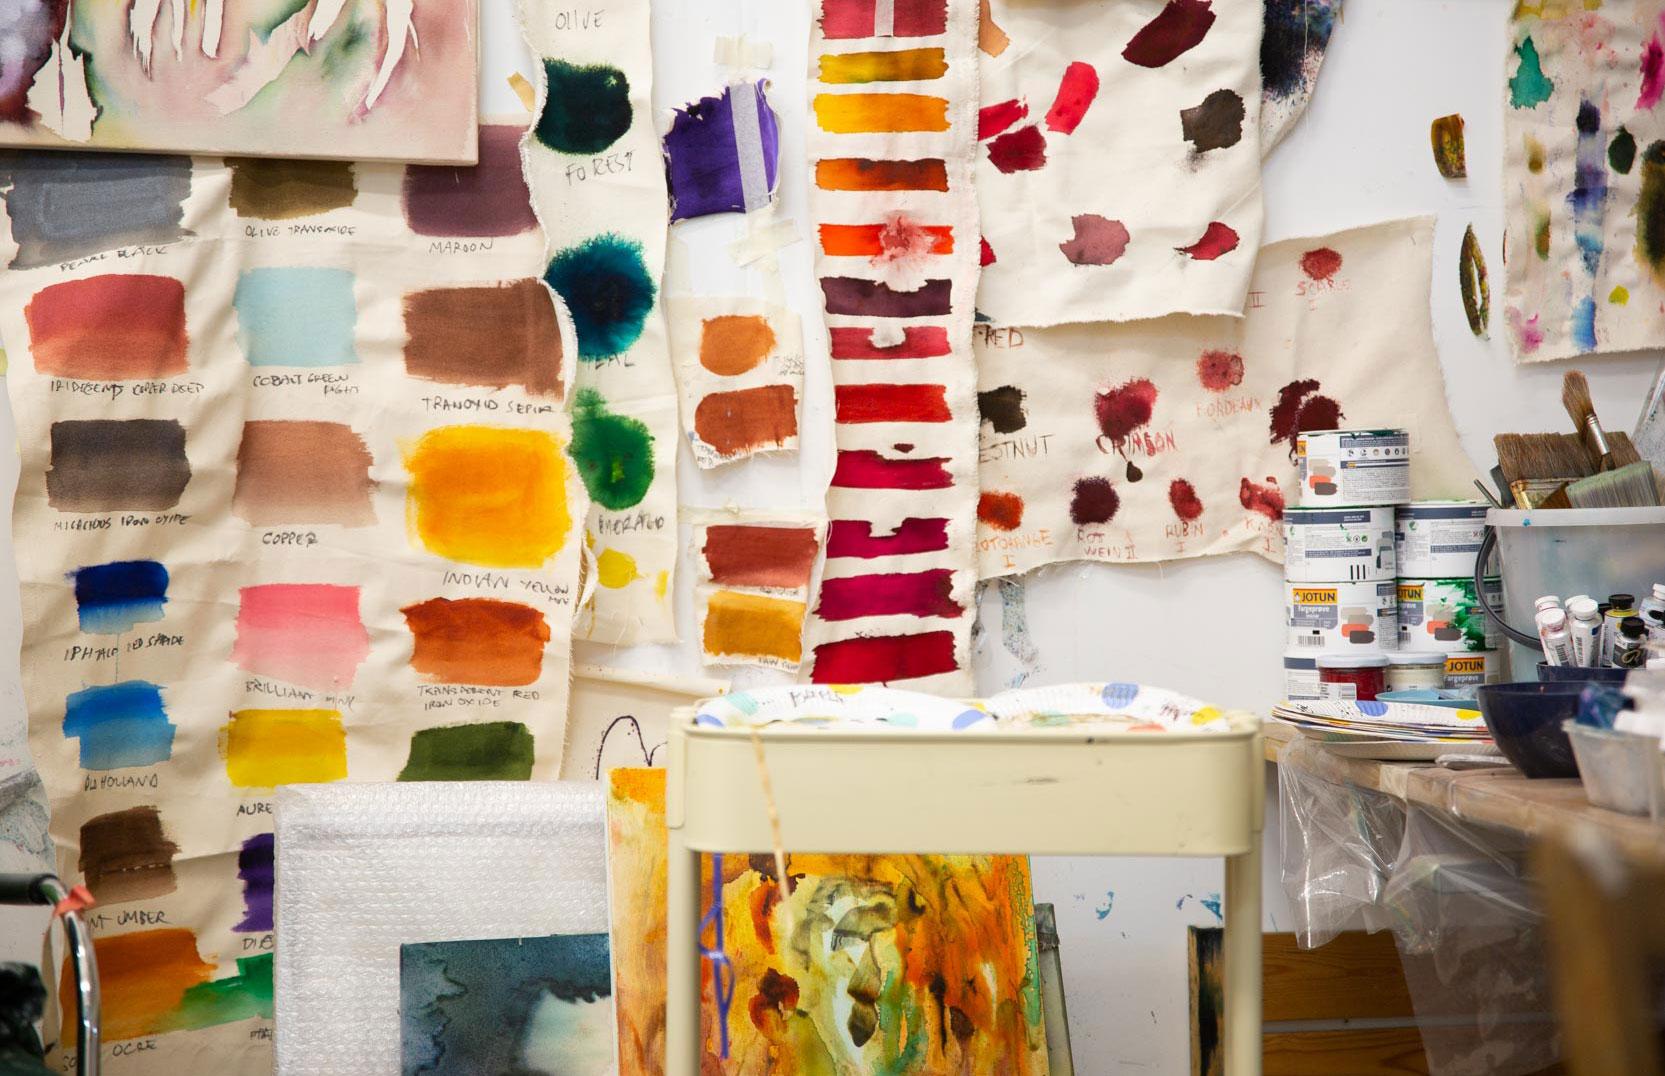 FARGELABORATORIE: Jorunn forsker frem farger i sitt kunstnerskap. Hun jobber med tekstilpigmenter.